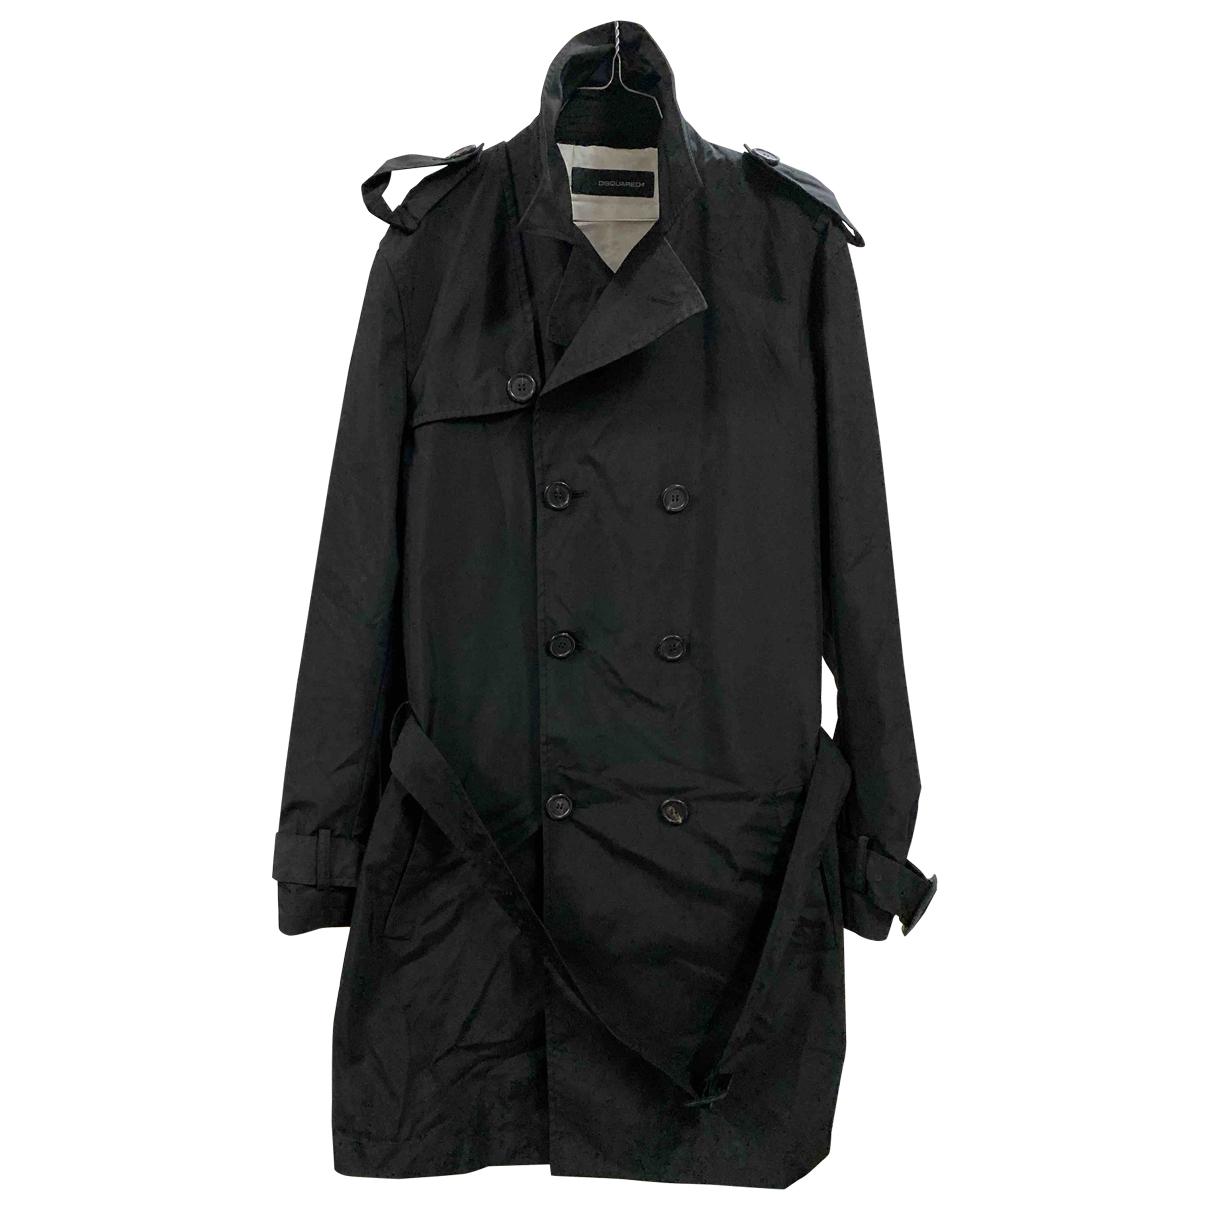 Dsquared2 - Manteau   pour homme - noir